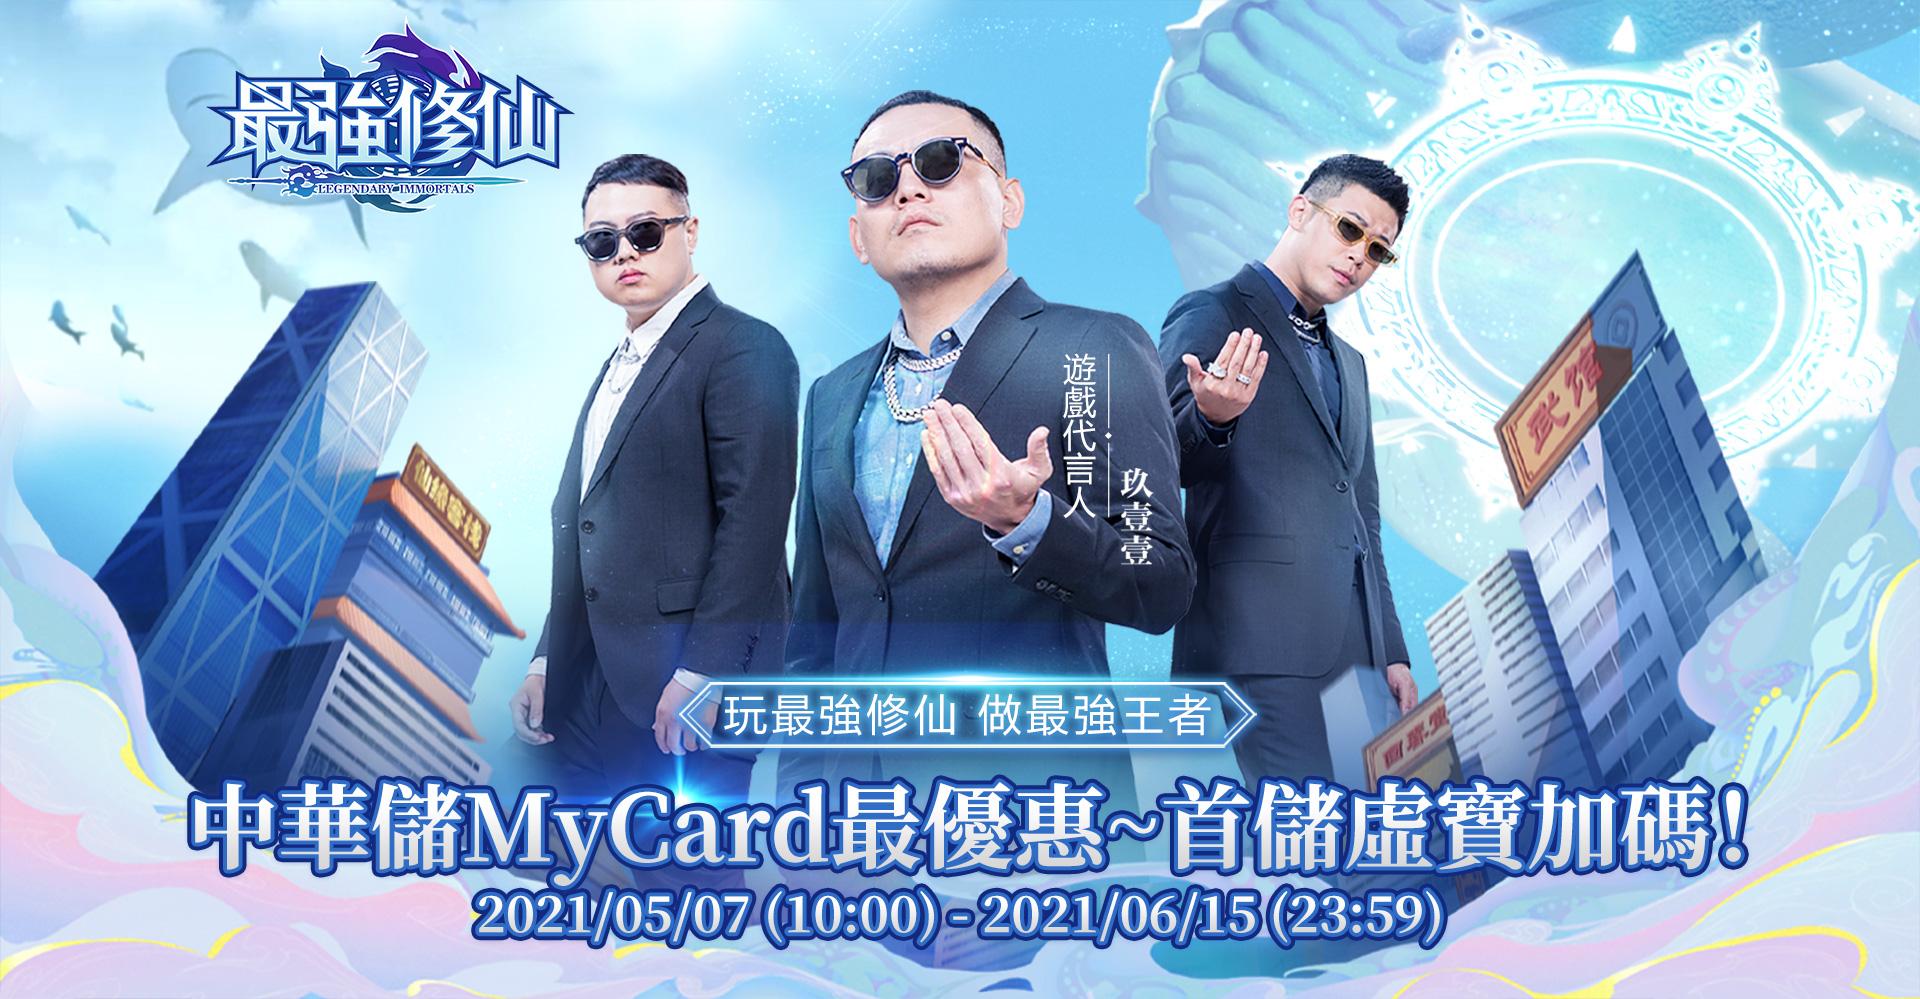 《最強修仙》中華儲MyCard最優惠~首儲虛寶加碼!